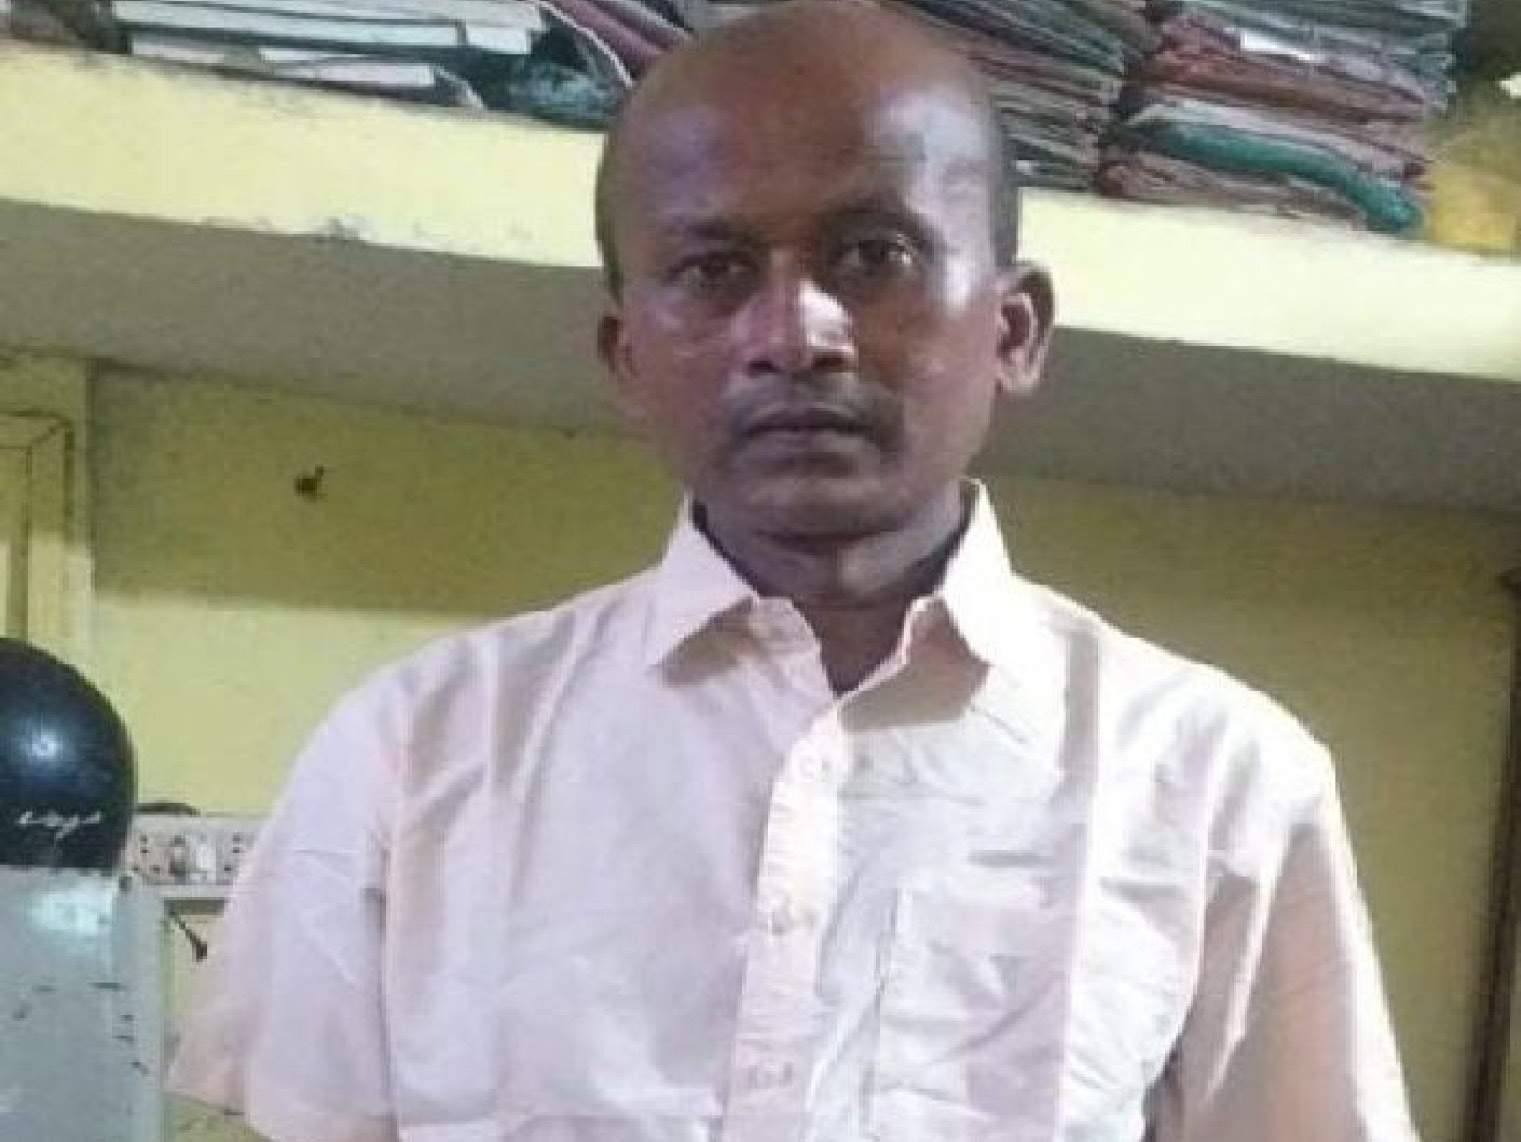 मुंबई रेप केस का आरोपी मोहन चौहान यूपी के जौनपुर का रहनेवाला है।